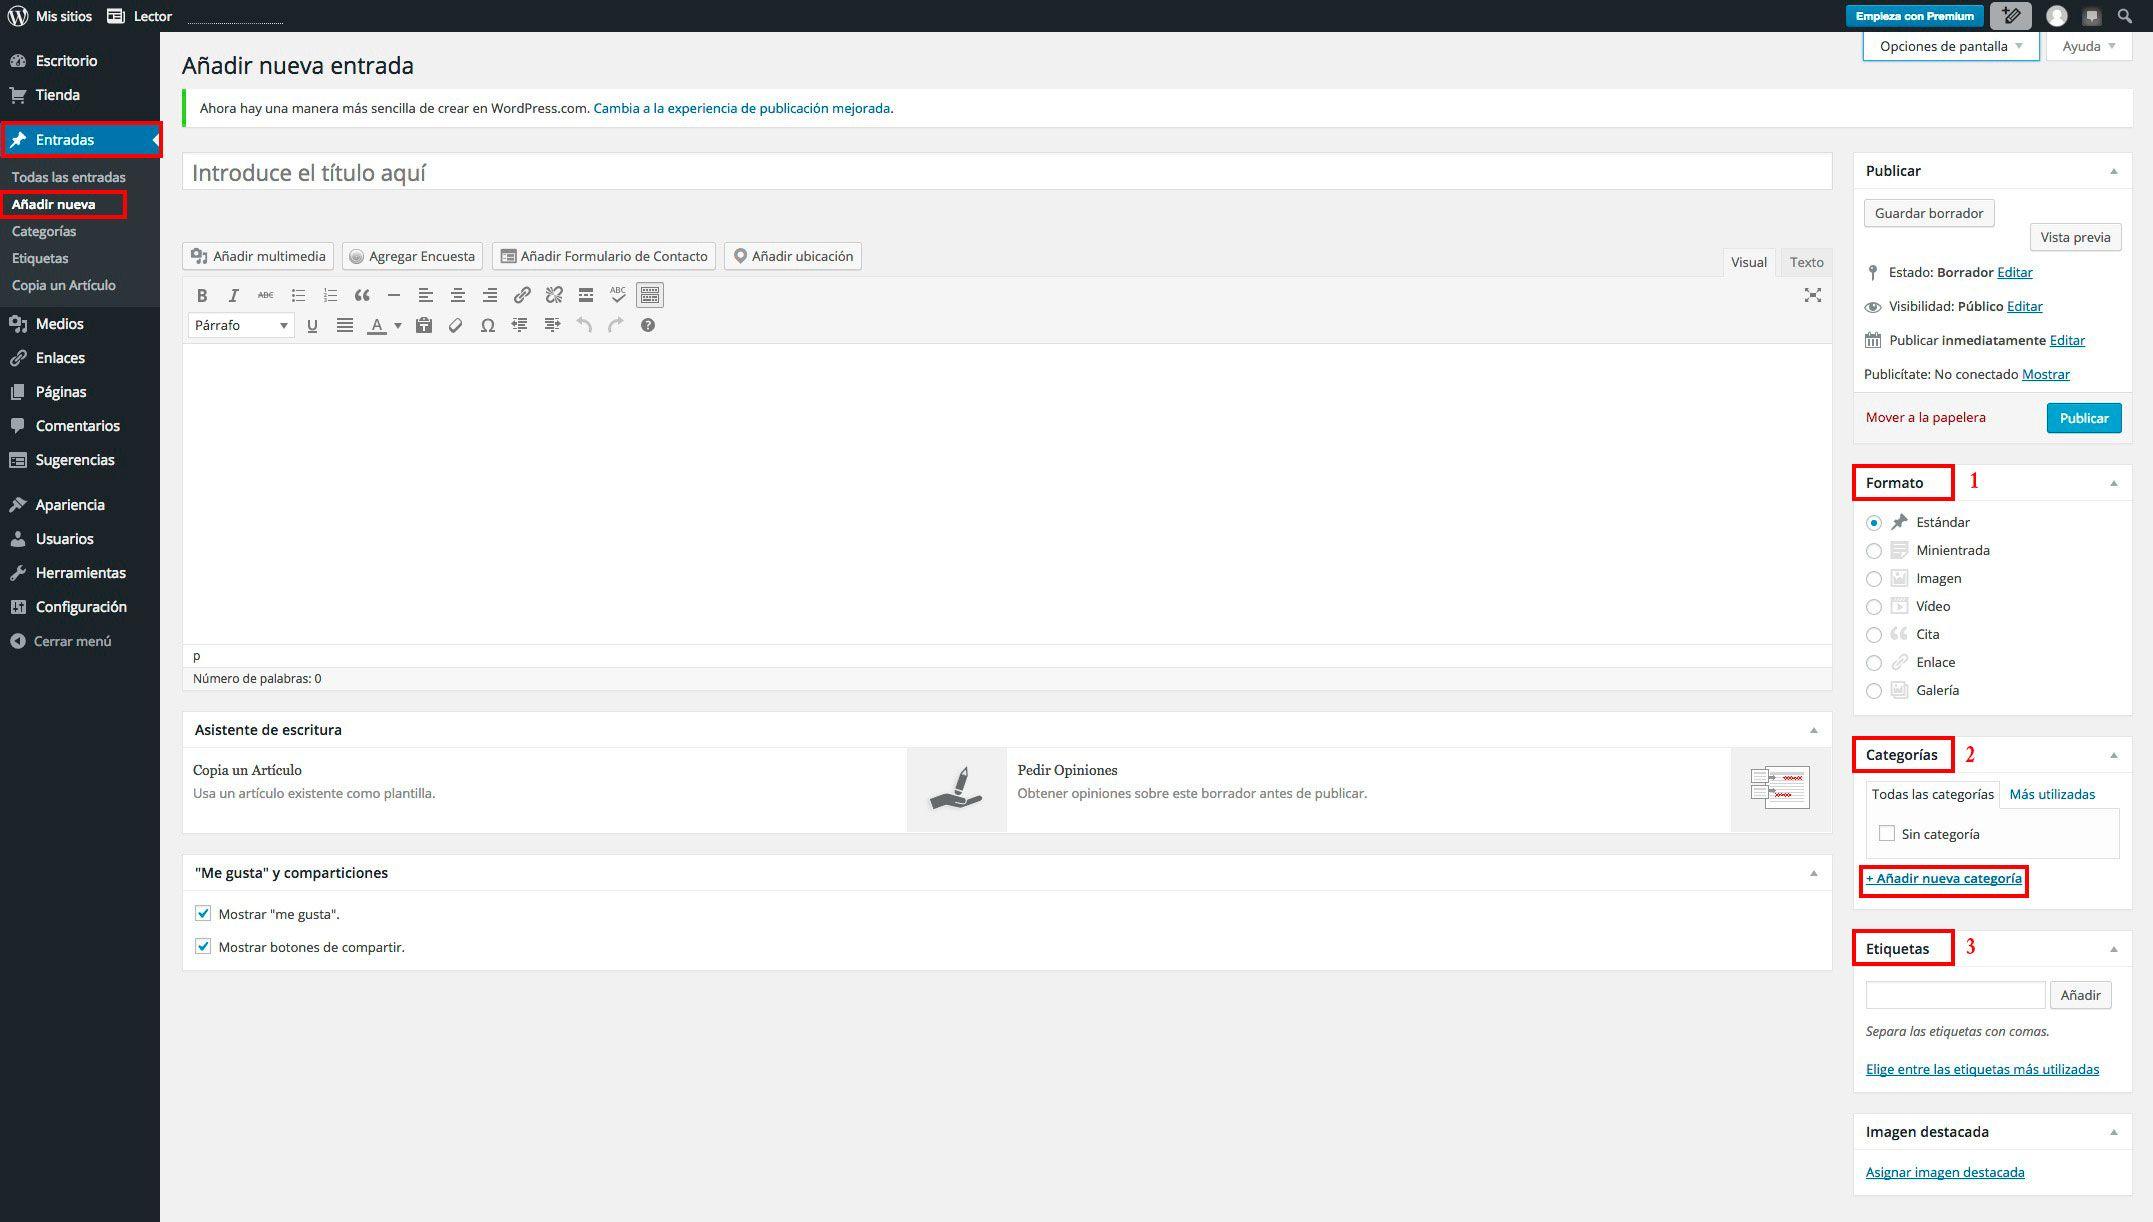 ¿Cómo crear entradas en WordPress.com?